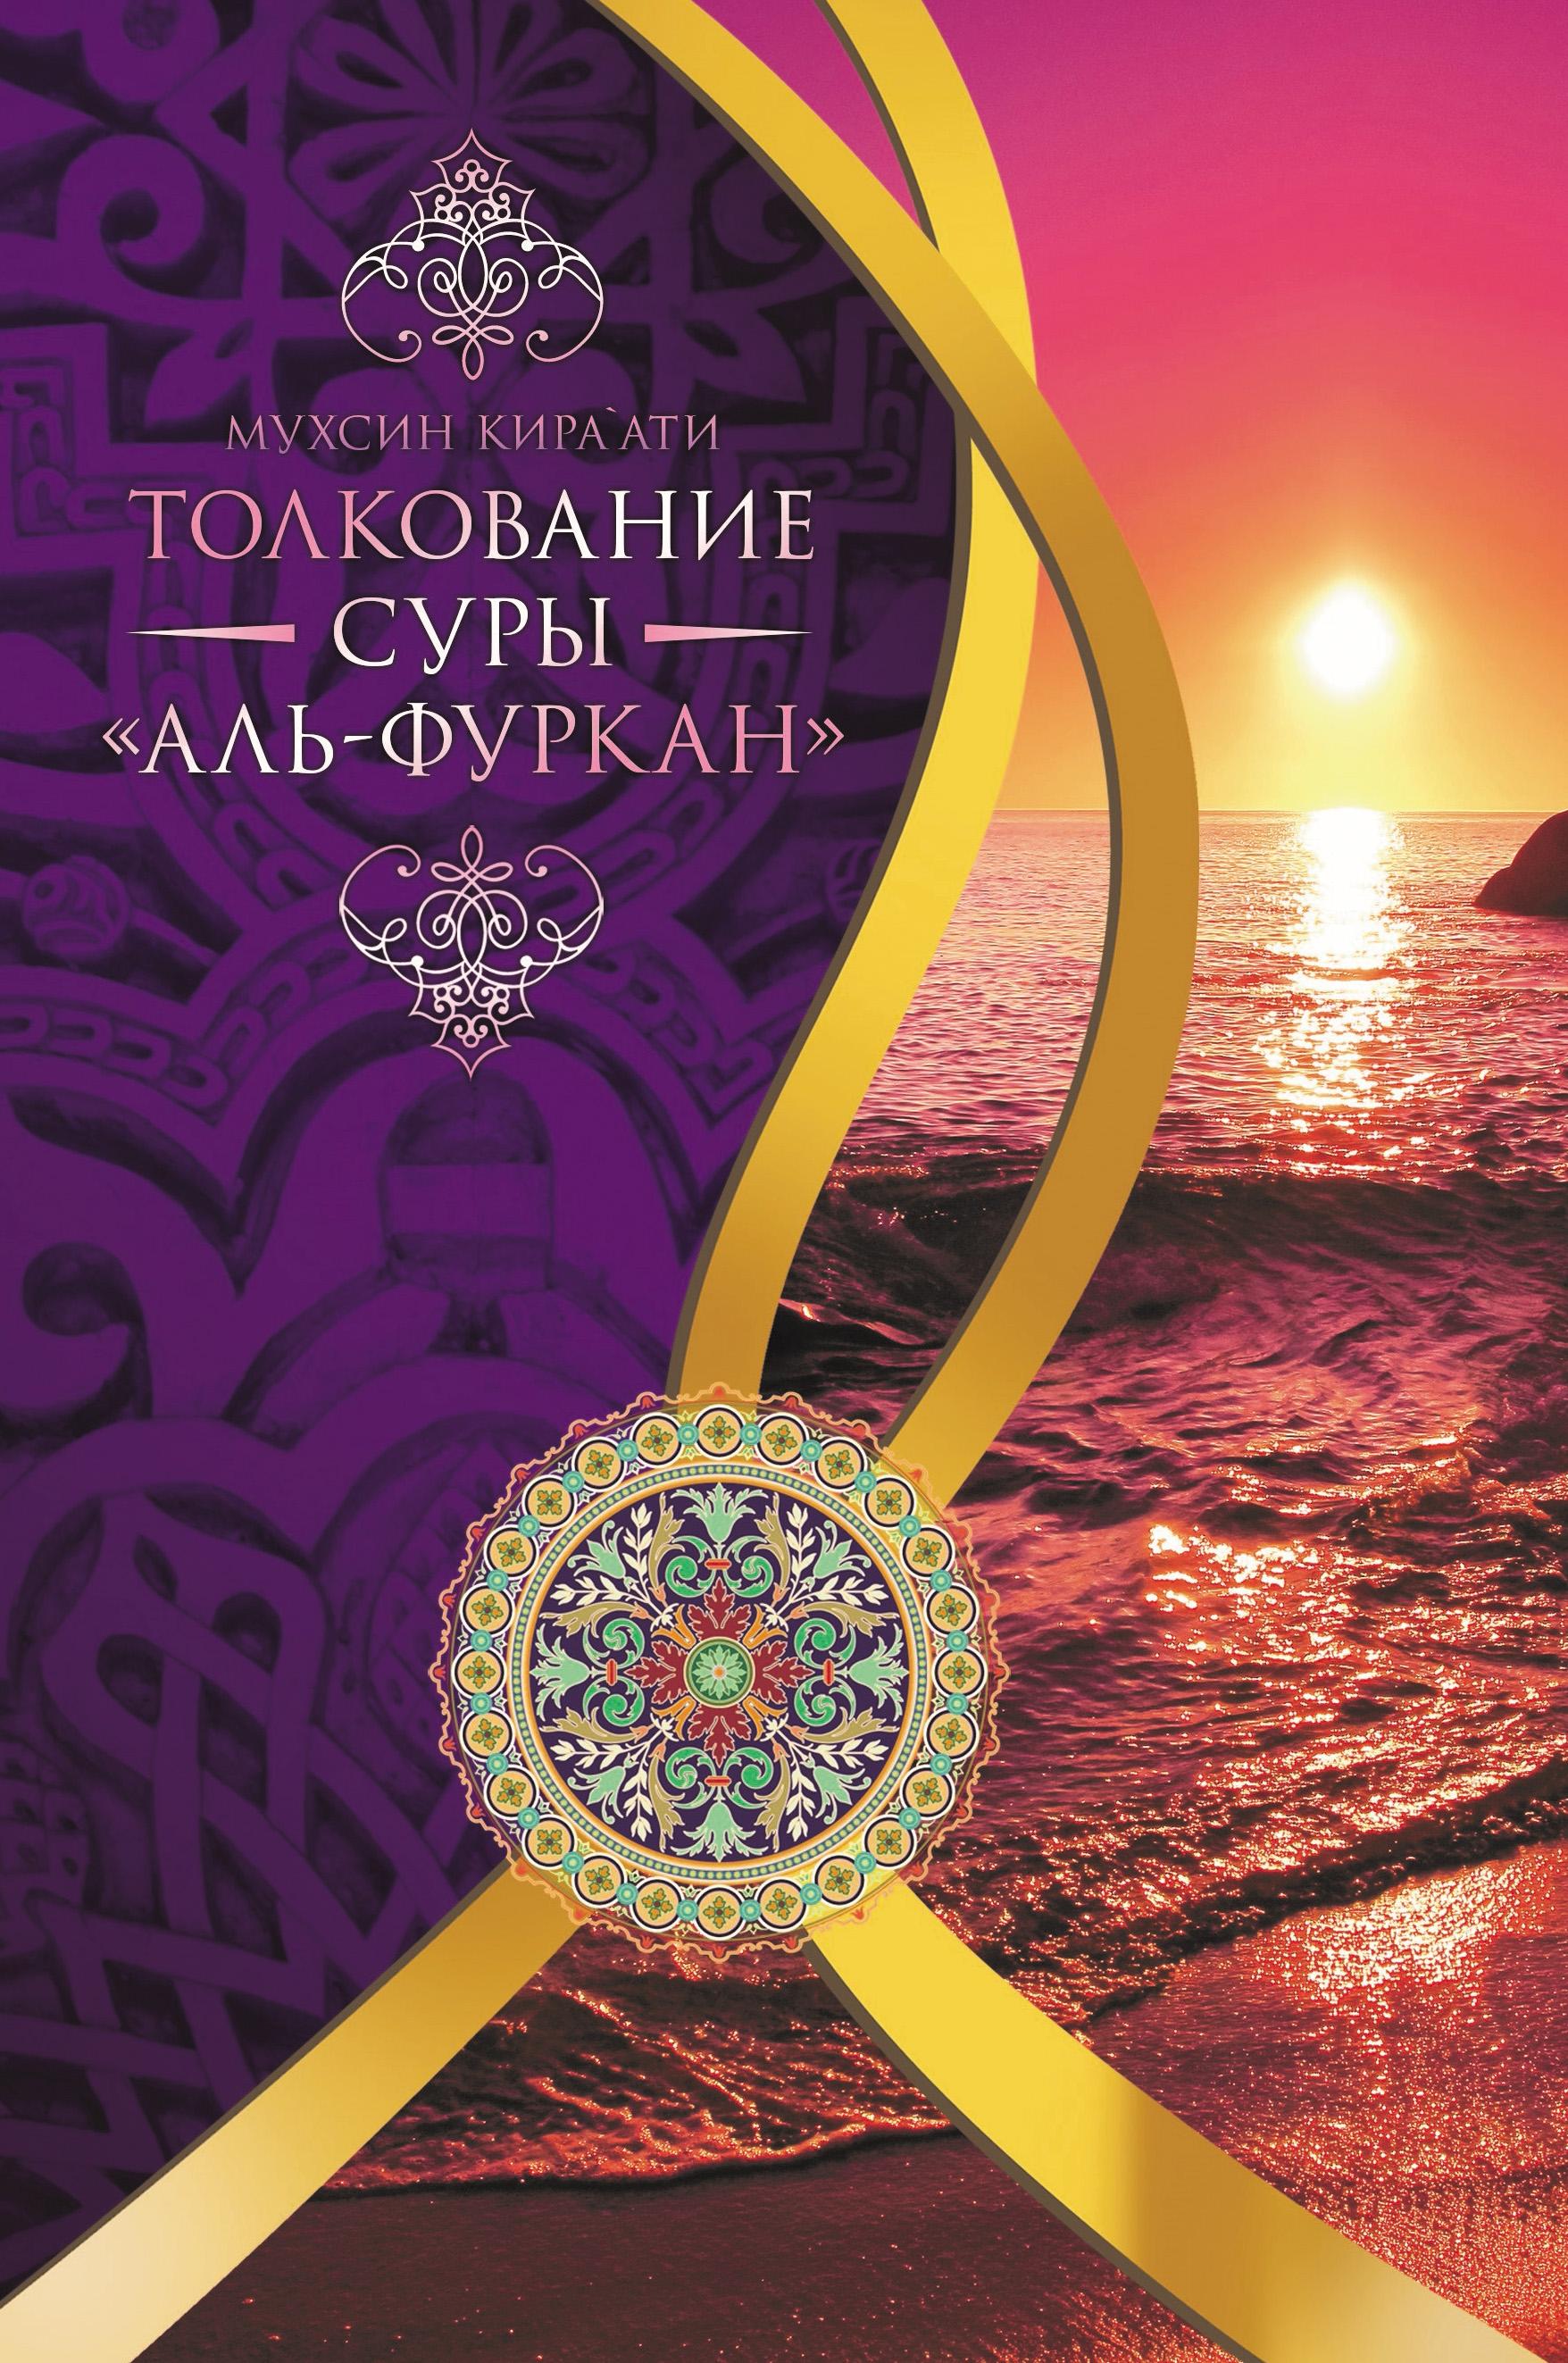 Мухсин Кира'ати Толкование суры «Ал-Фуркан» казибеков т пер достоинство корана и его толкование